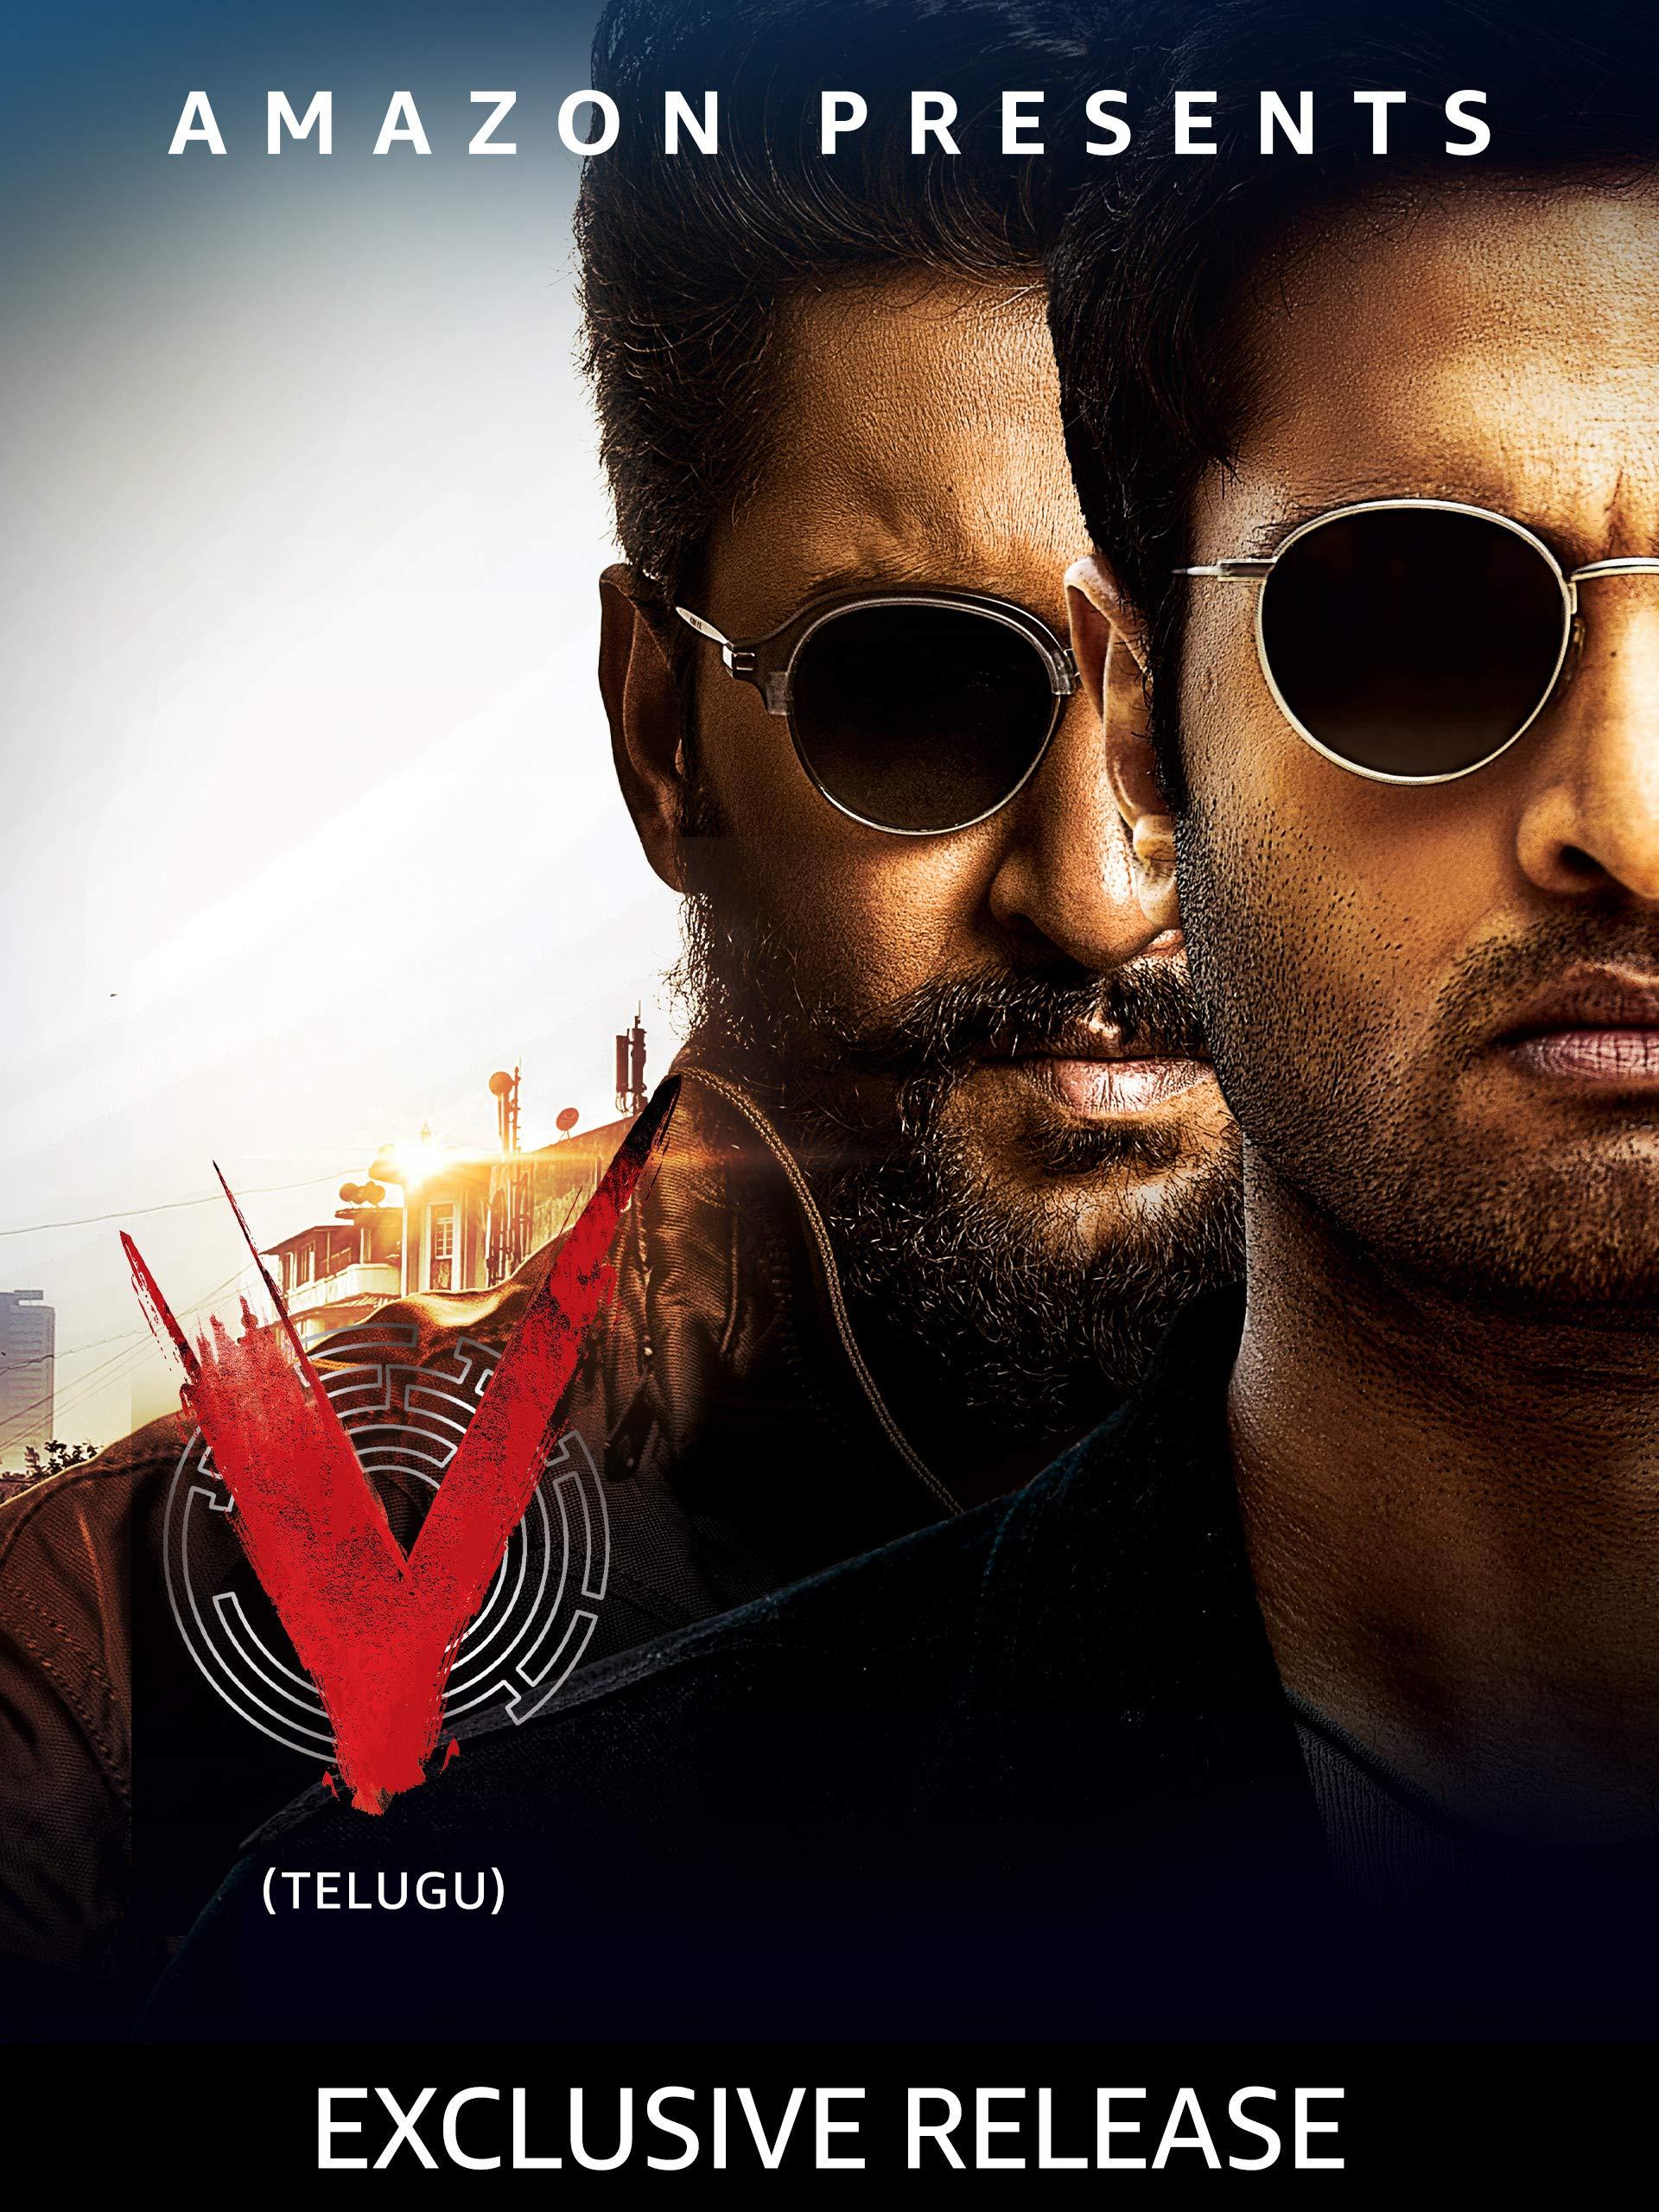 V (Telugu)